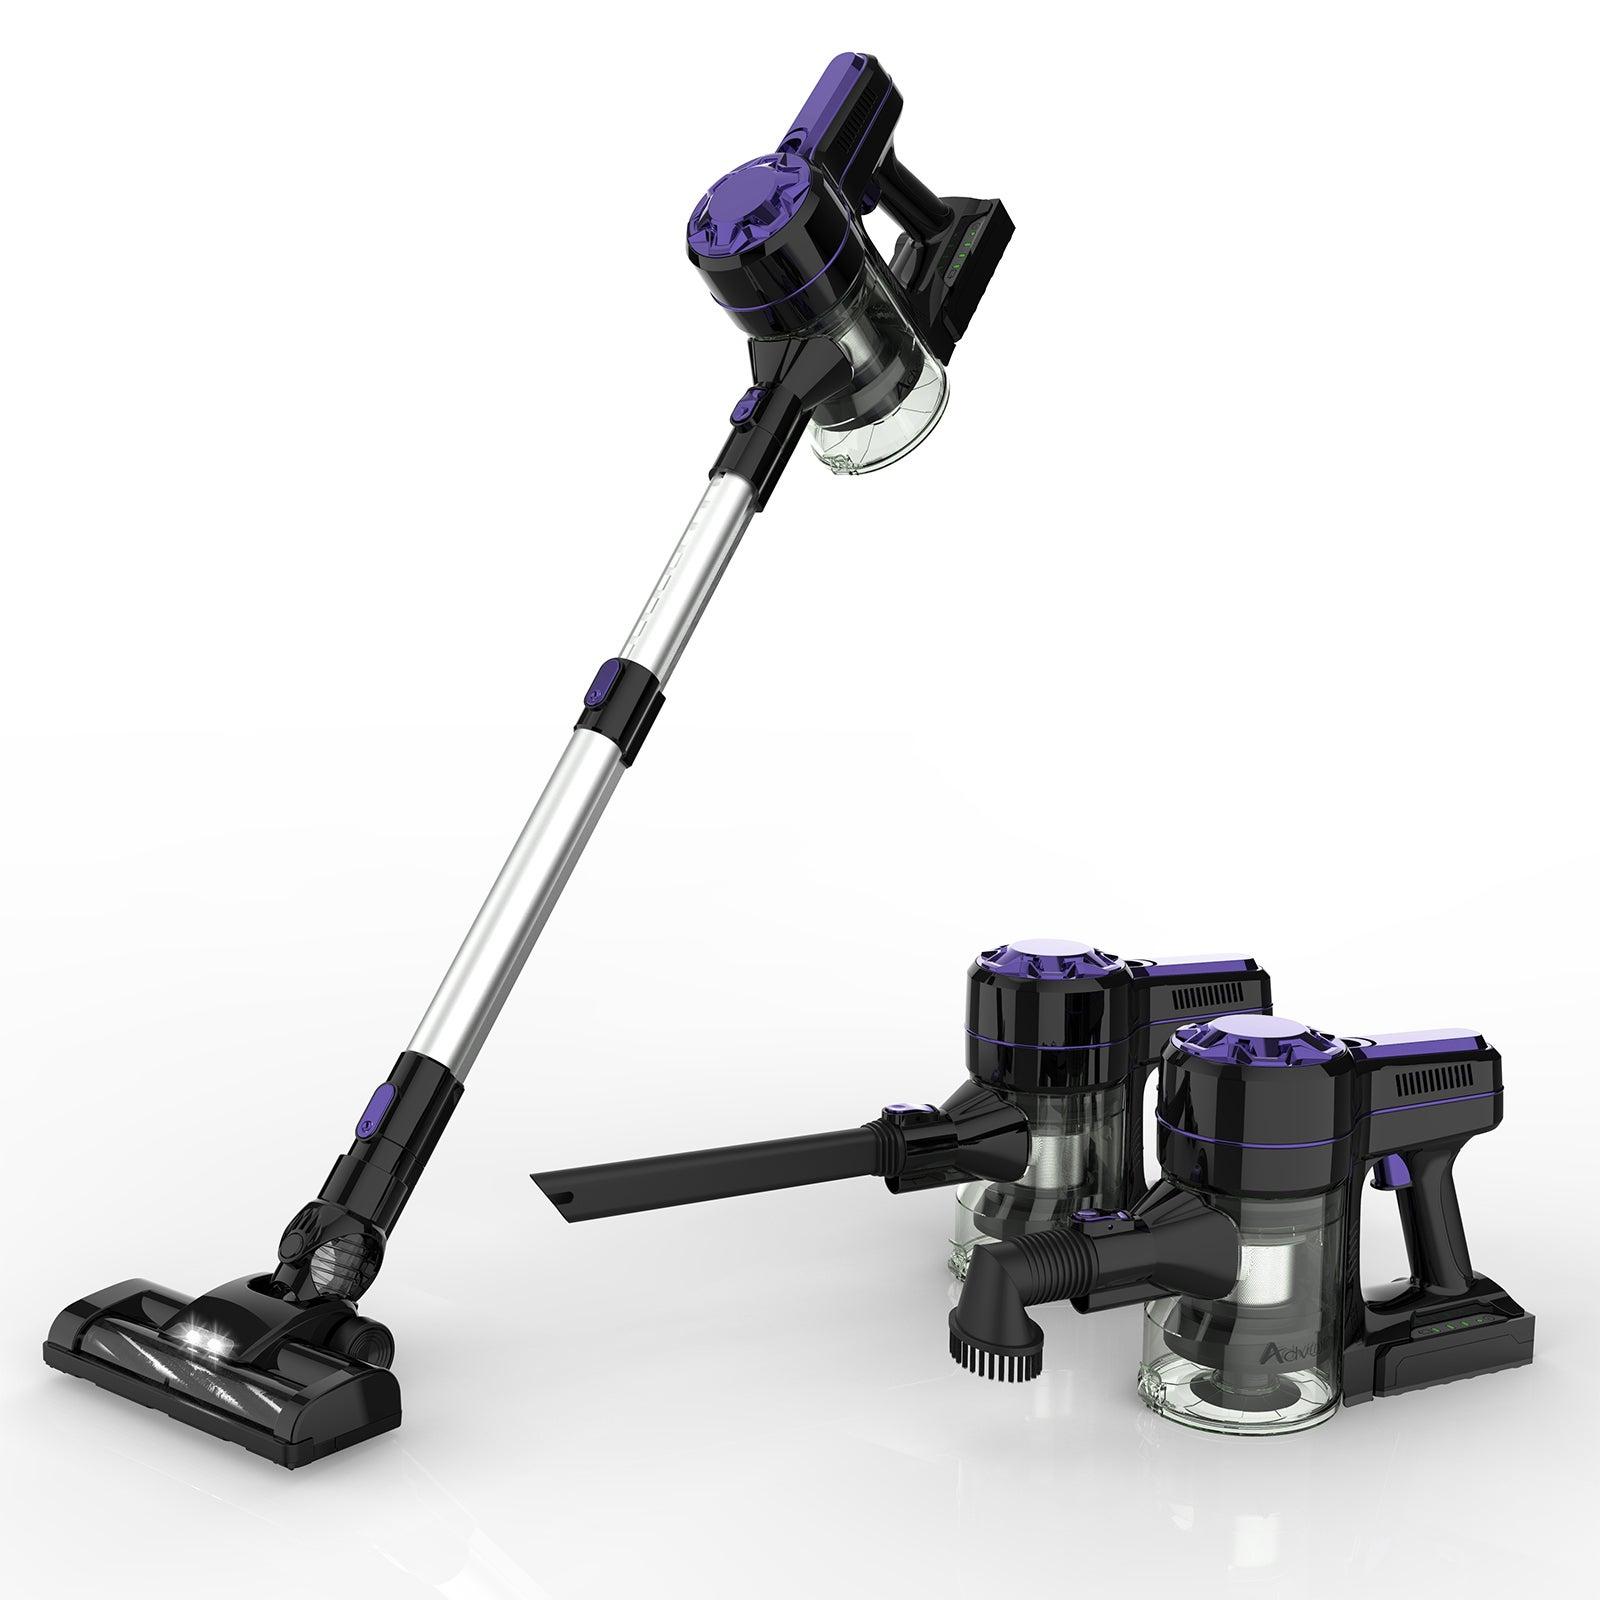 3in1 Handheld Cordless Vacuum Cleaner in Purple 12Kpa